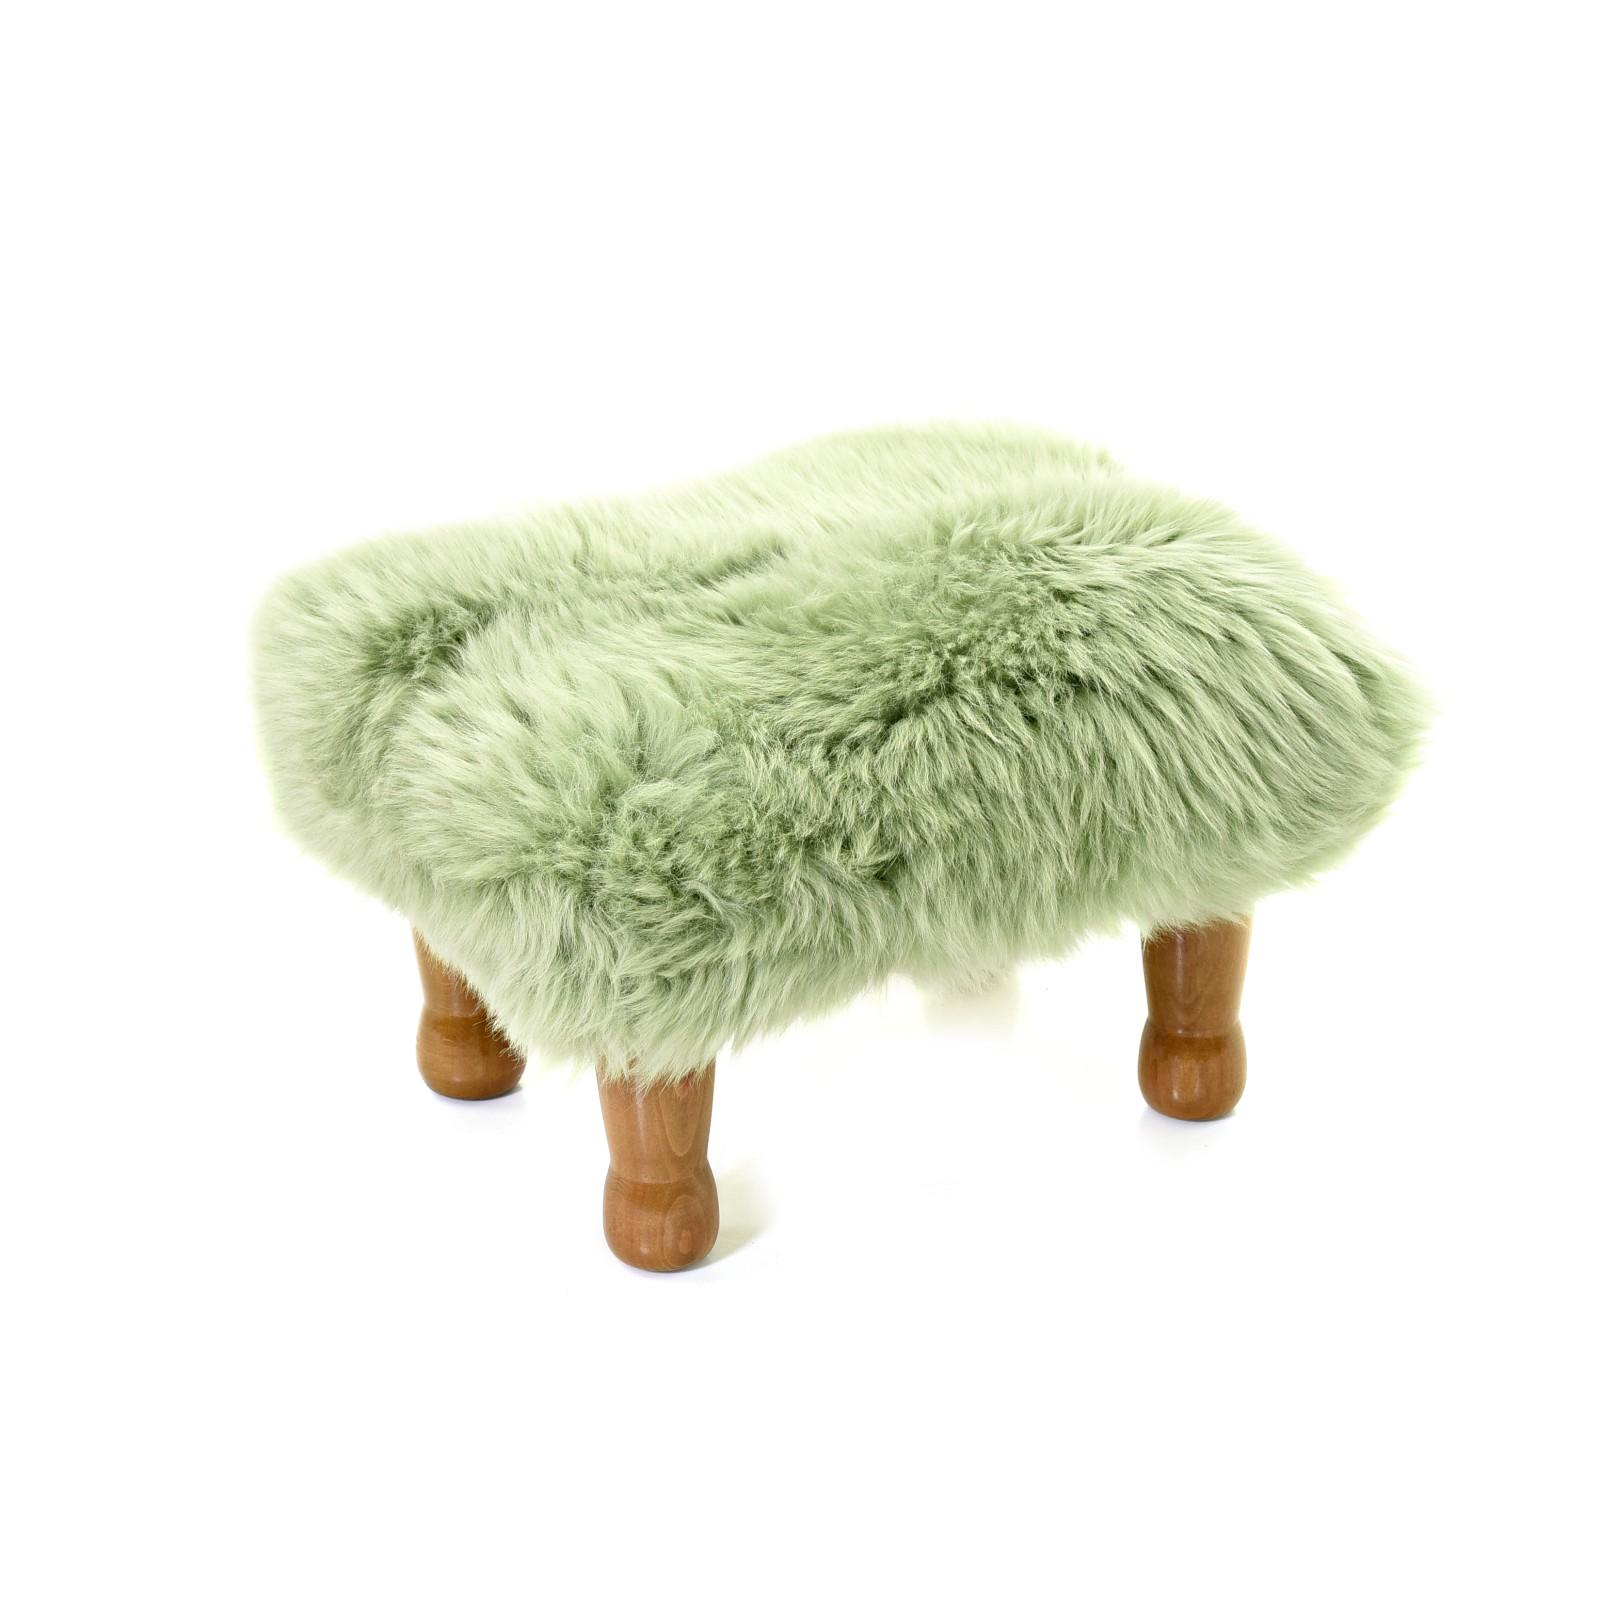 Anwen - Sheepskin Footstool Sage